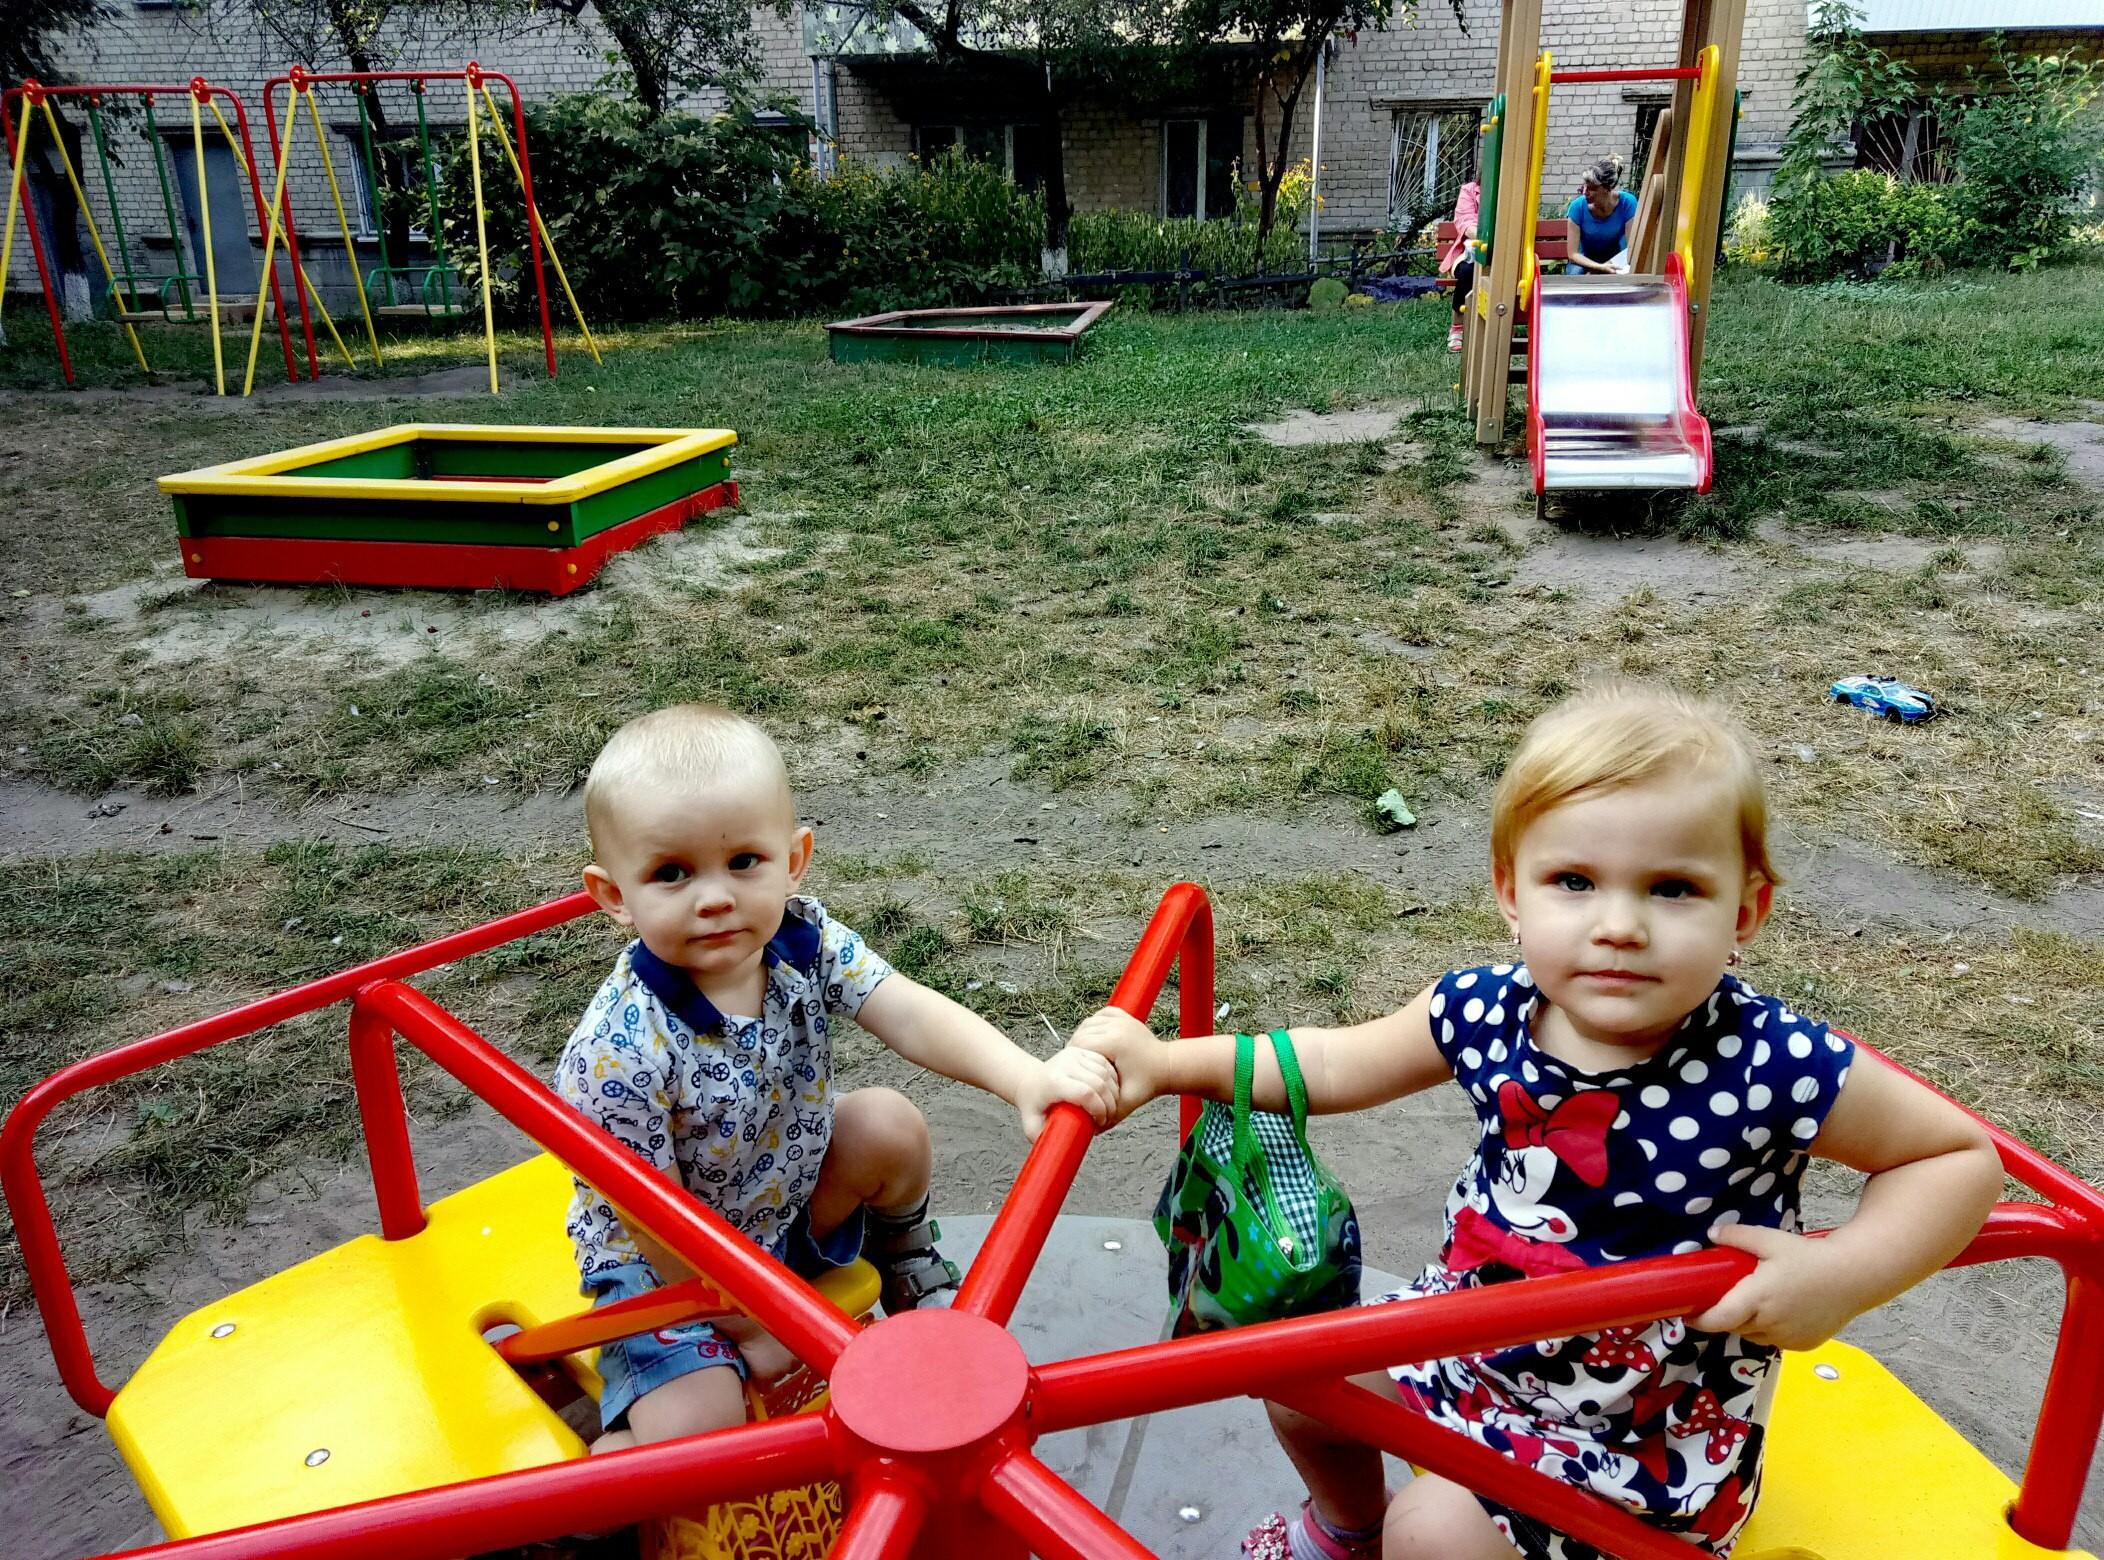 Мальчик не выжил, за жизнь девочки борются врачи / фото raskrutk.ru на место происшествия немедленно выехала следственно-оперативная группа.